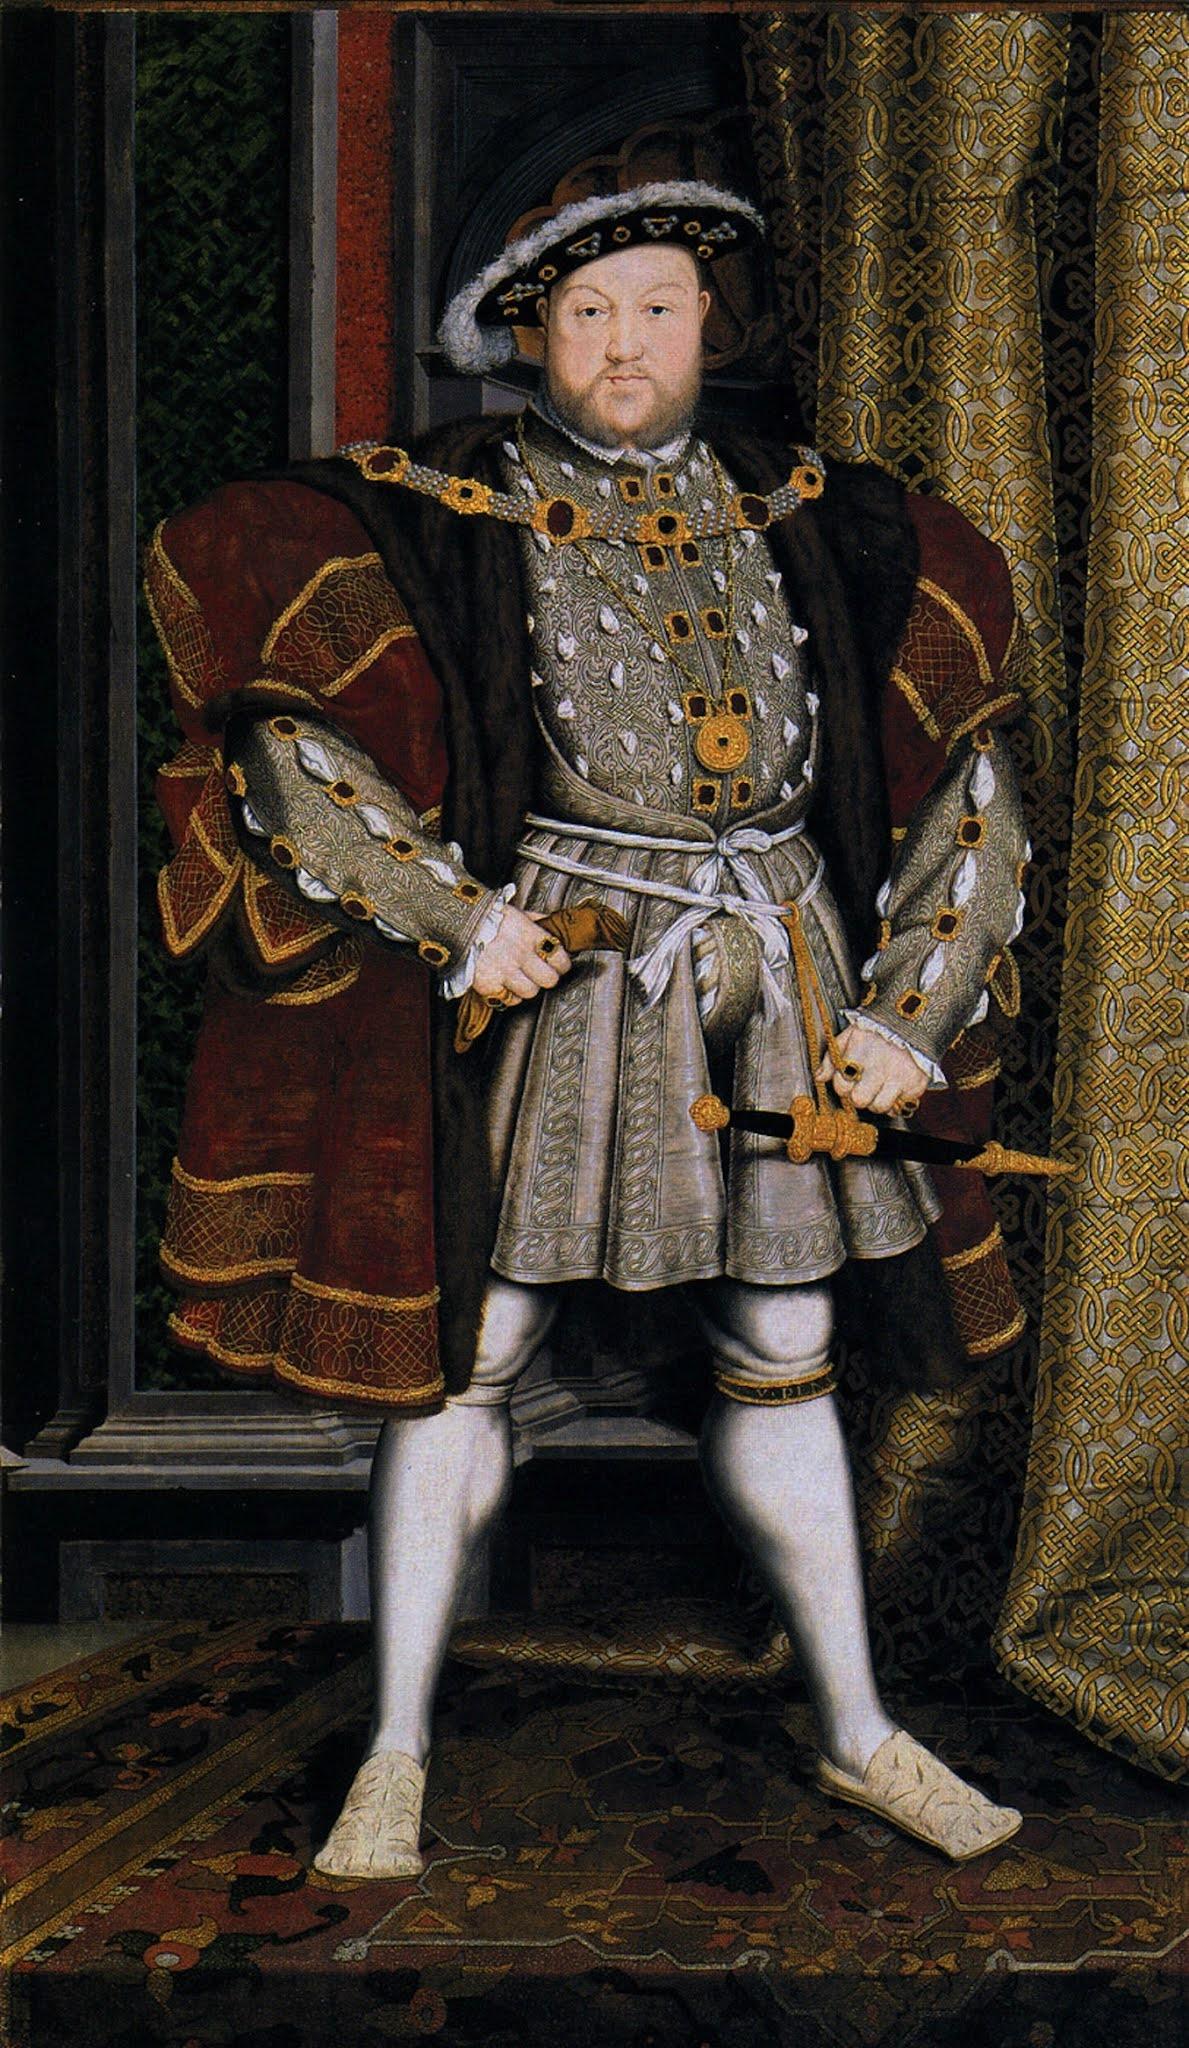 Ερρίκος Η΄ της Αγγλίας